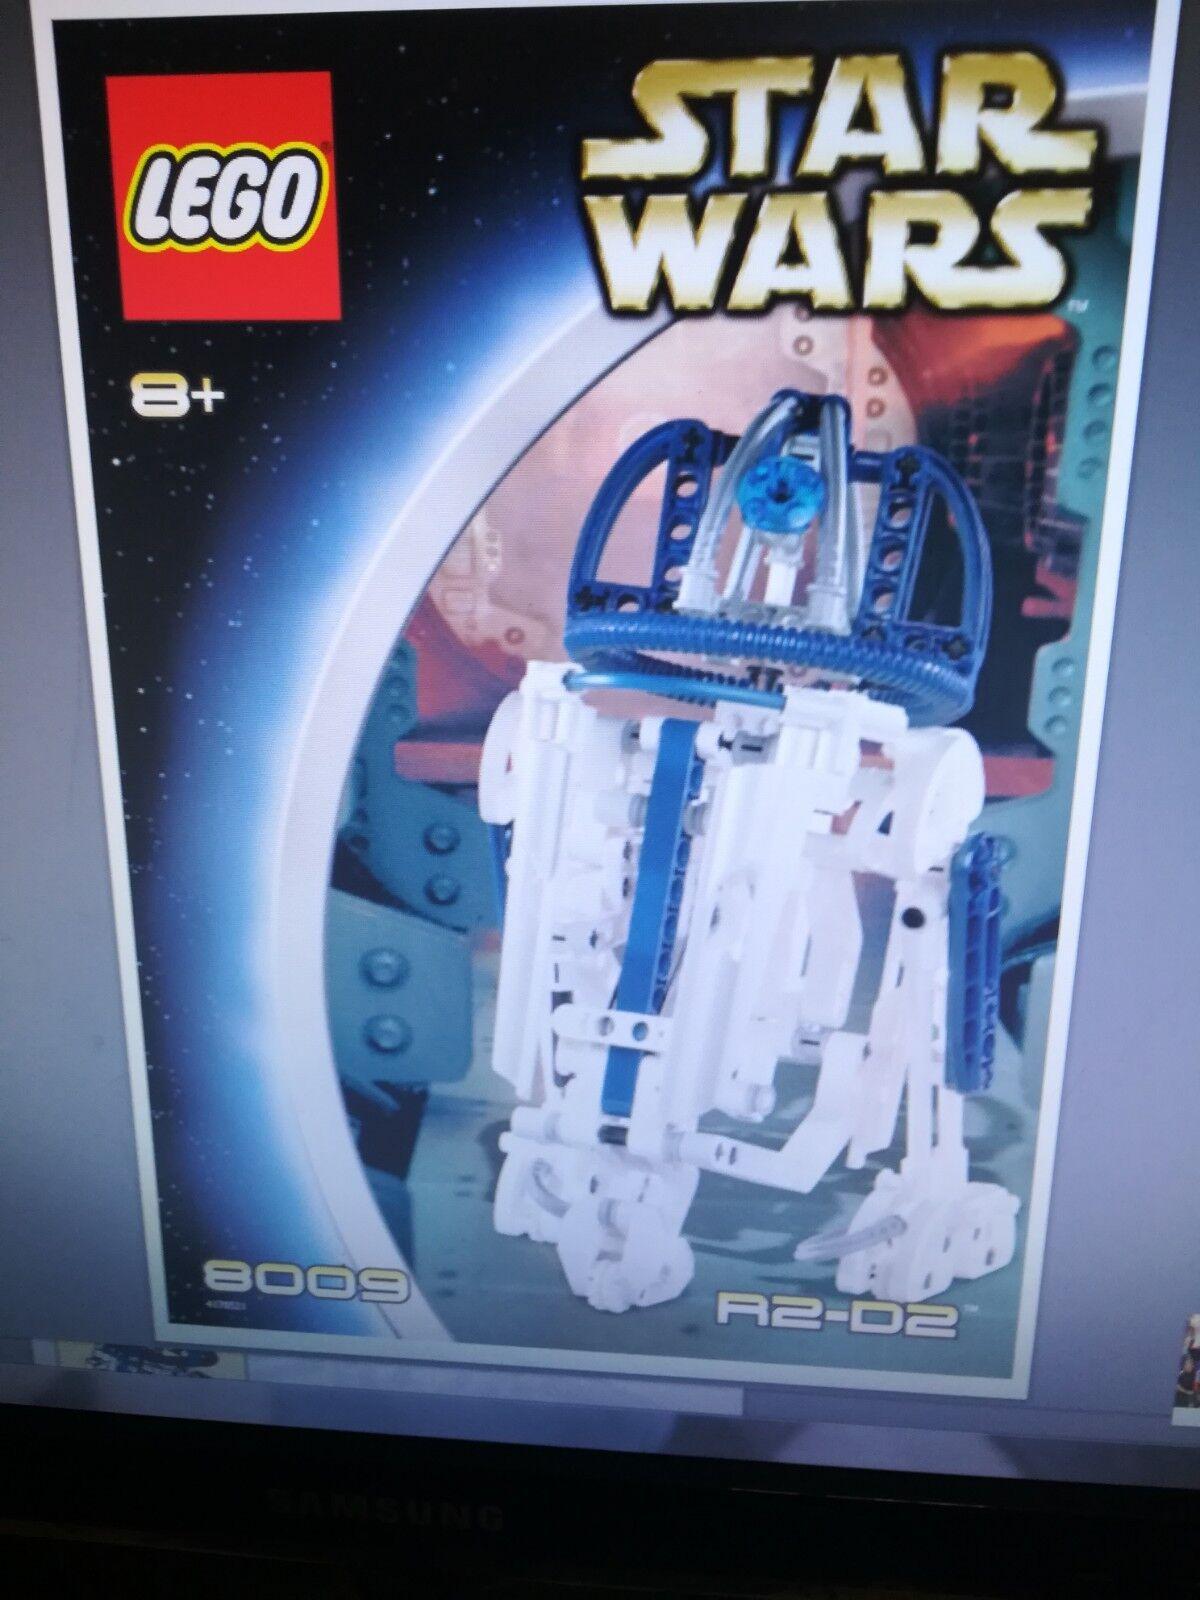 Lego Star Wars 8009 - R2-D2